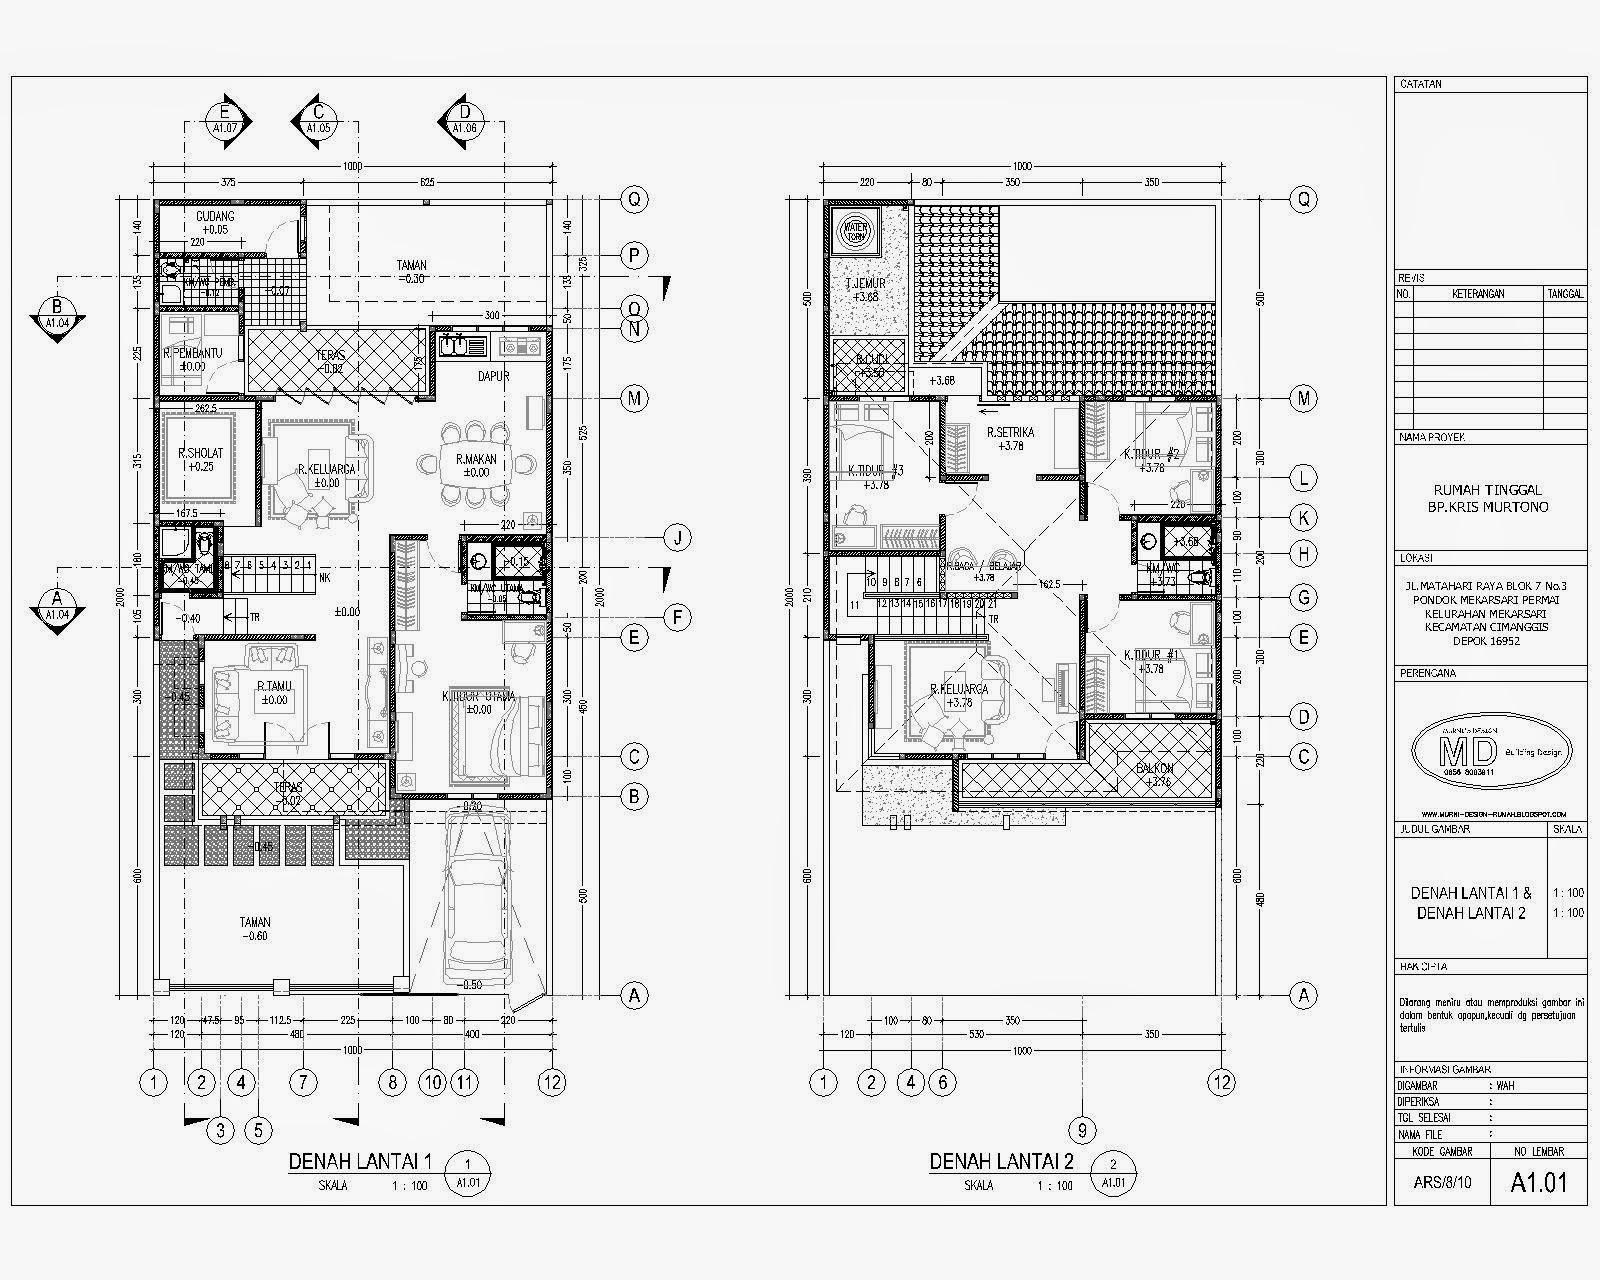 Desain Rumah Minimalis 2 Lantai 4 Kamar Tidur Foto Desain Rumah